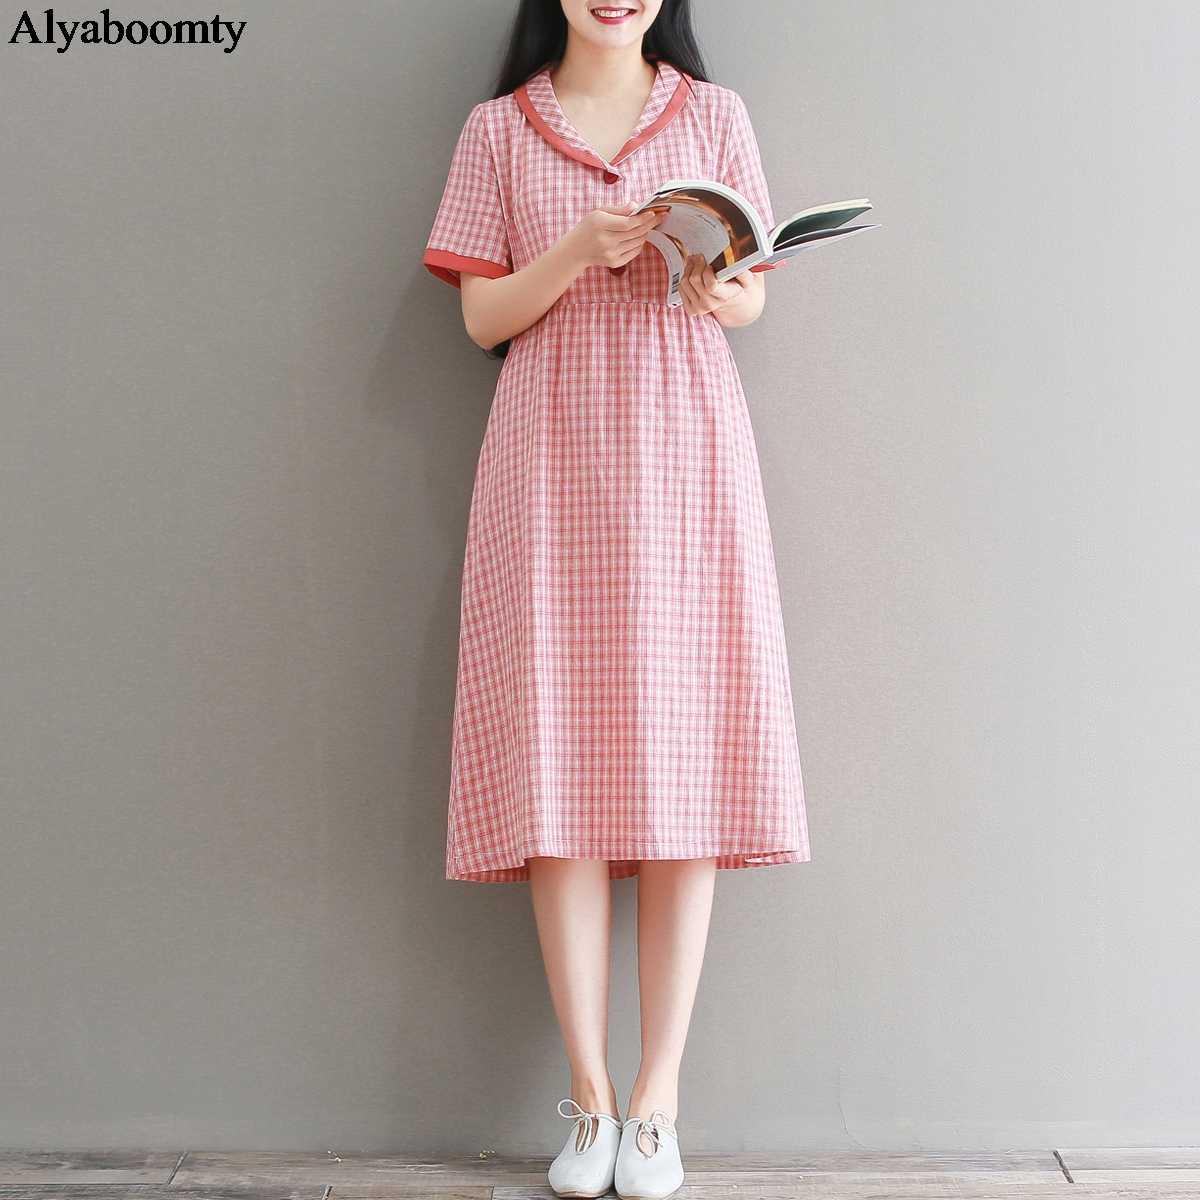 Японский Мори девушка летнее женское клетчатое платье контрастных цветов пуговицы Повседневное платье элегантный стиль Винтаж Хлопок милое платье